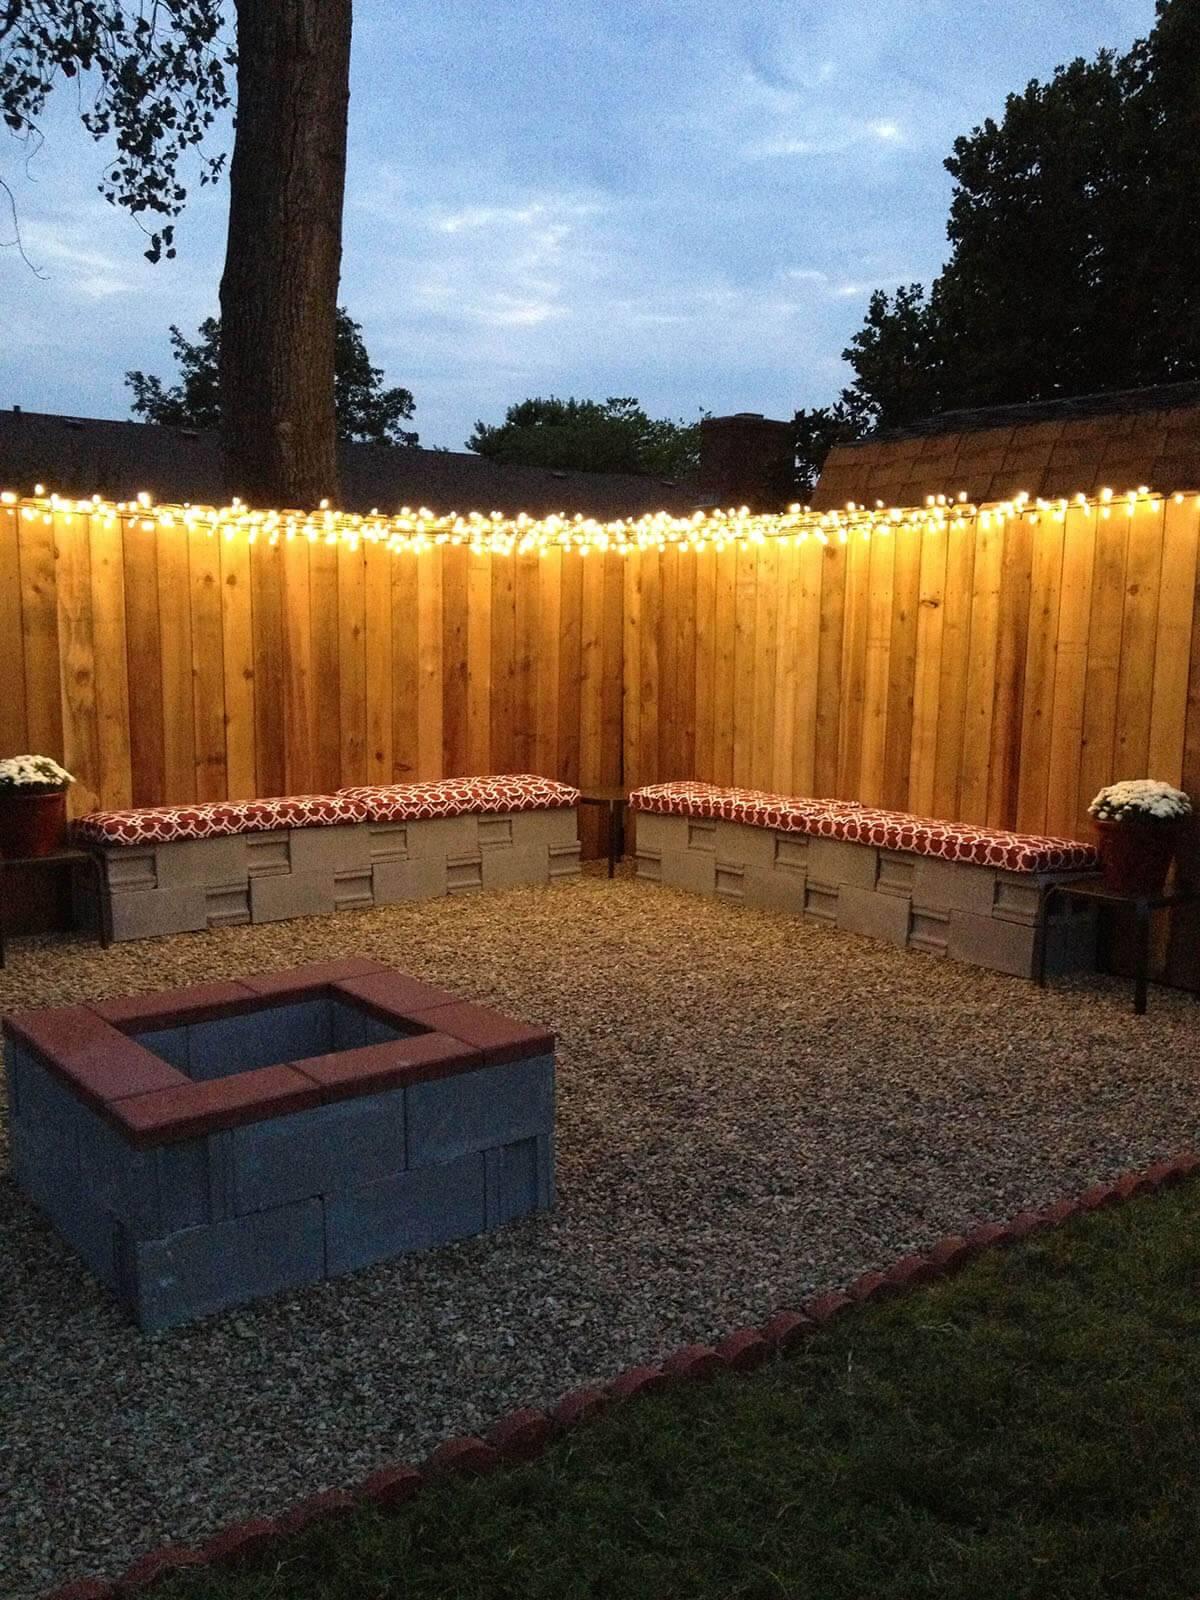 Christmas Lights along Fence